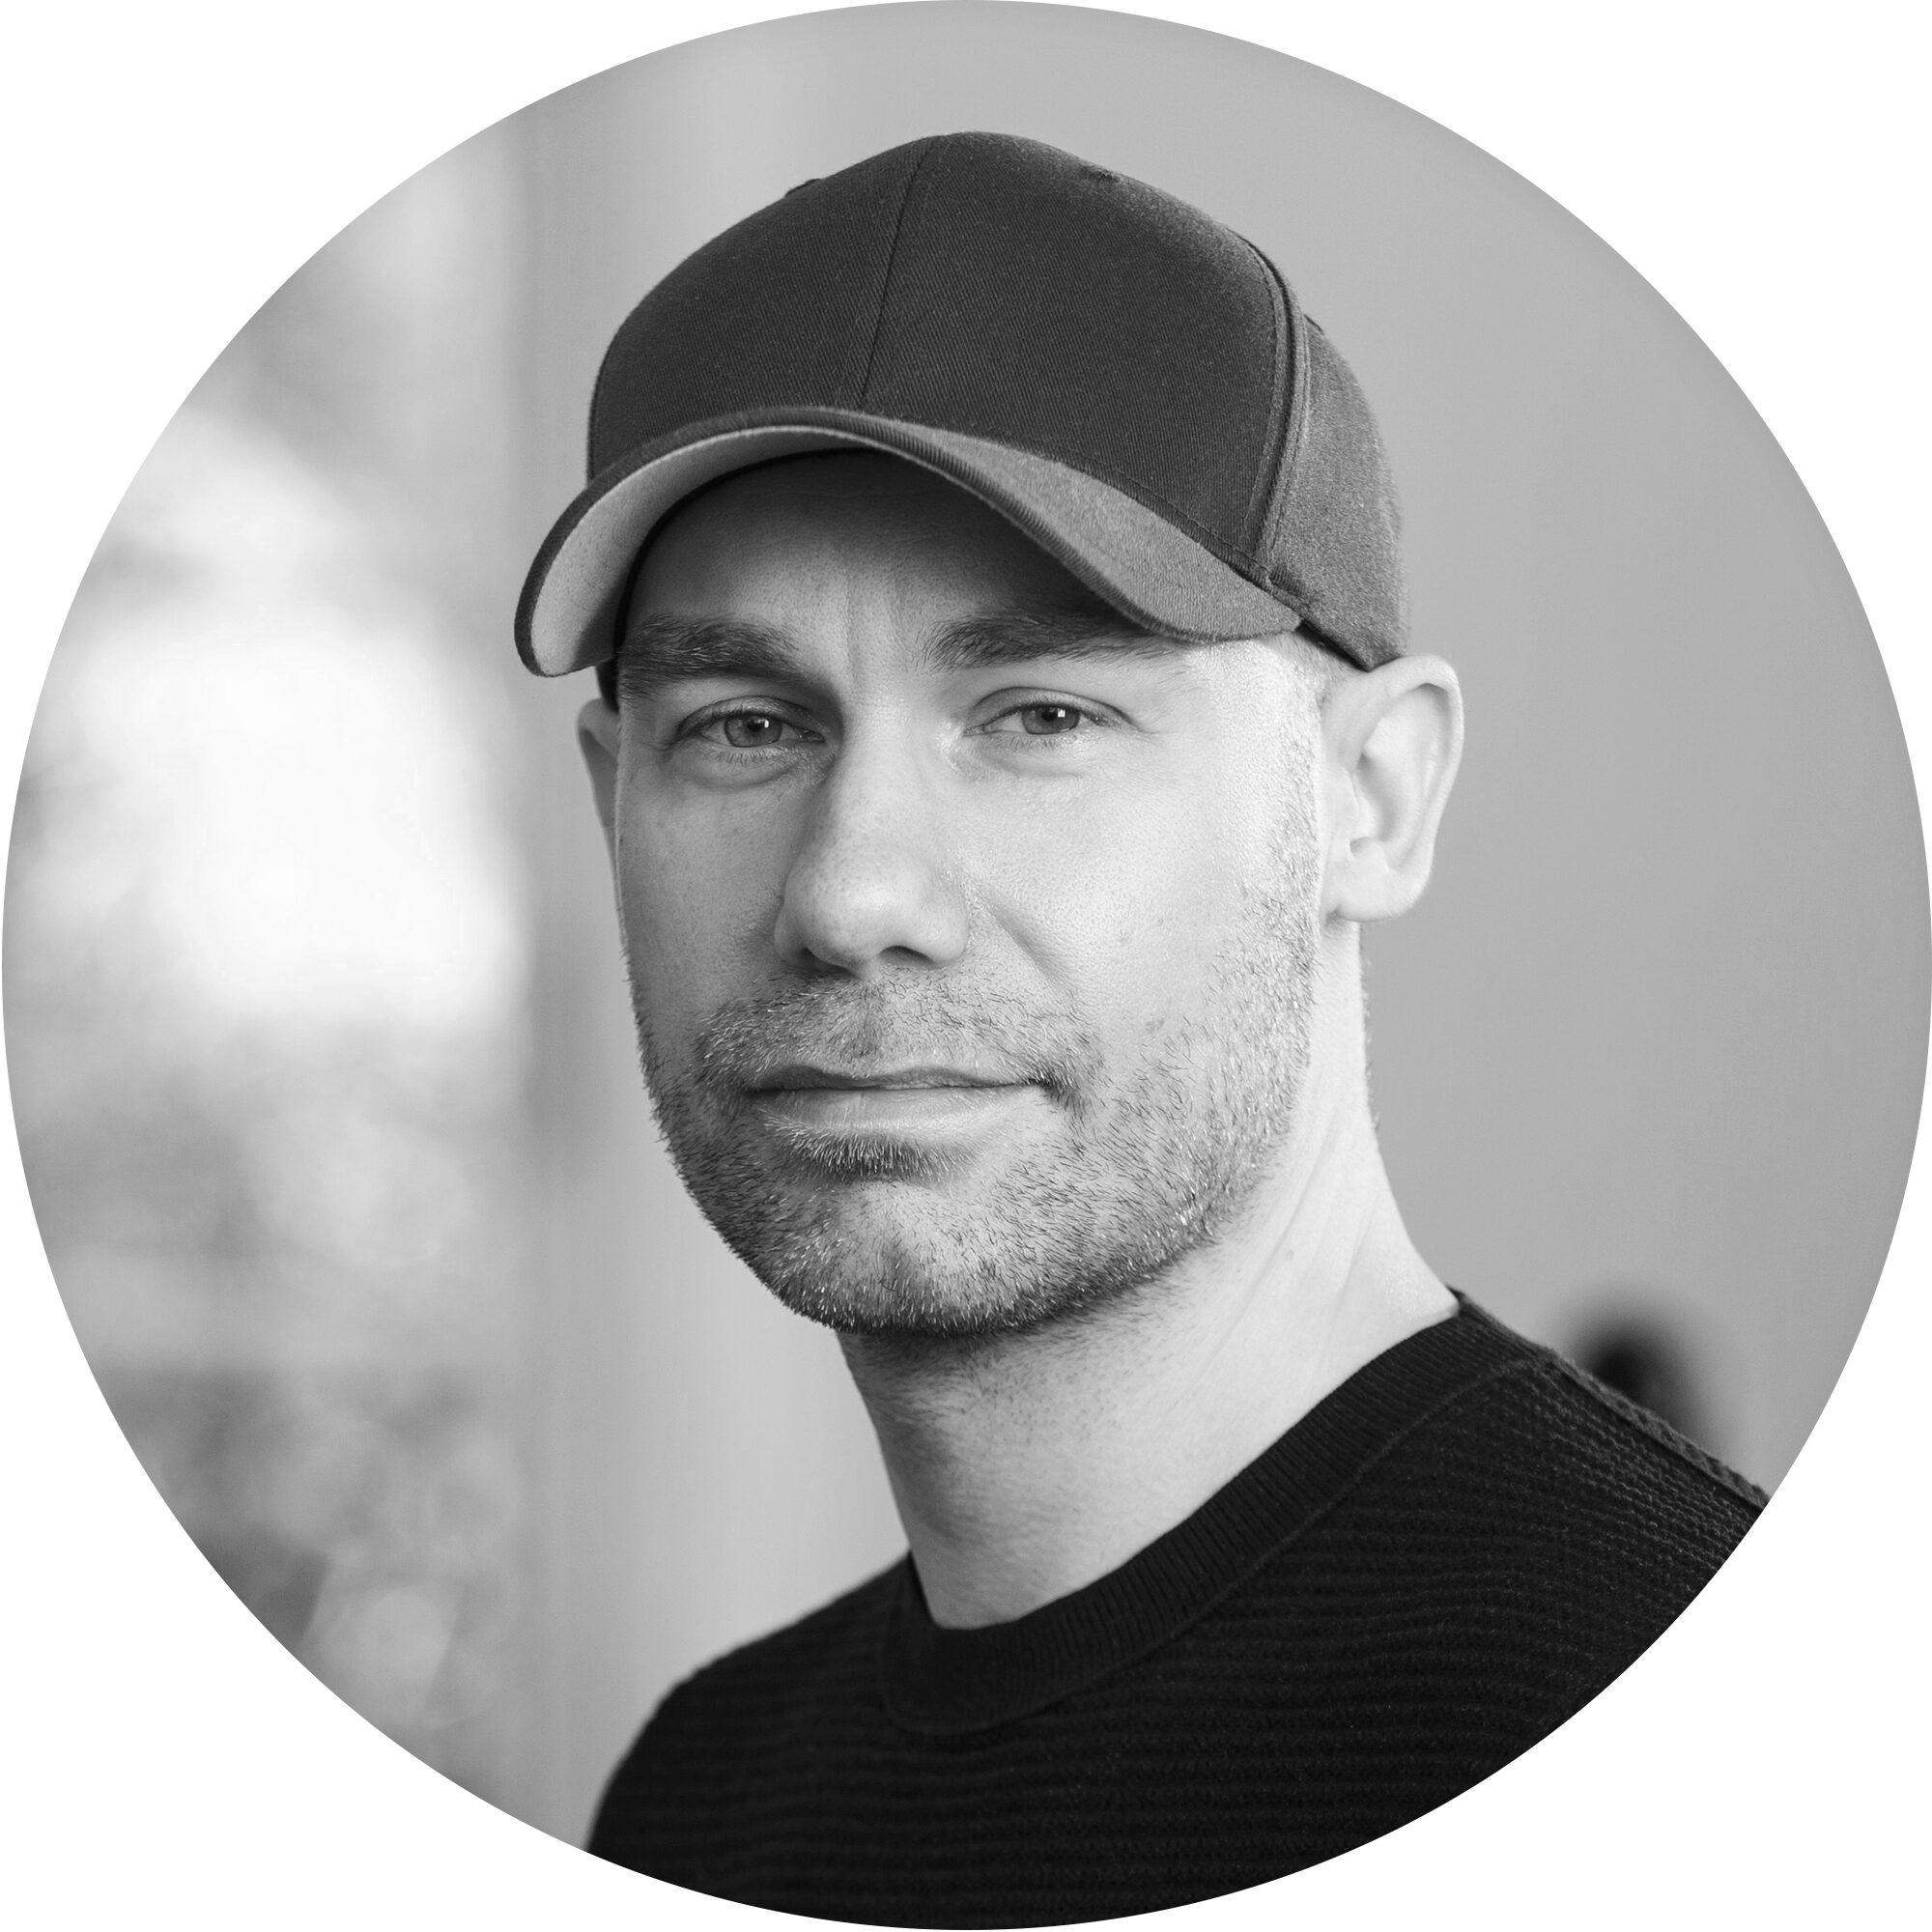 JimmyLevinsky_profile